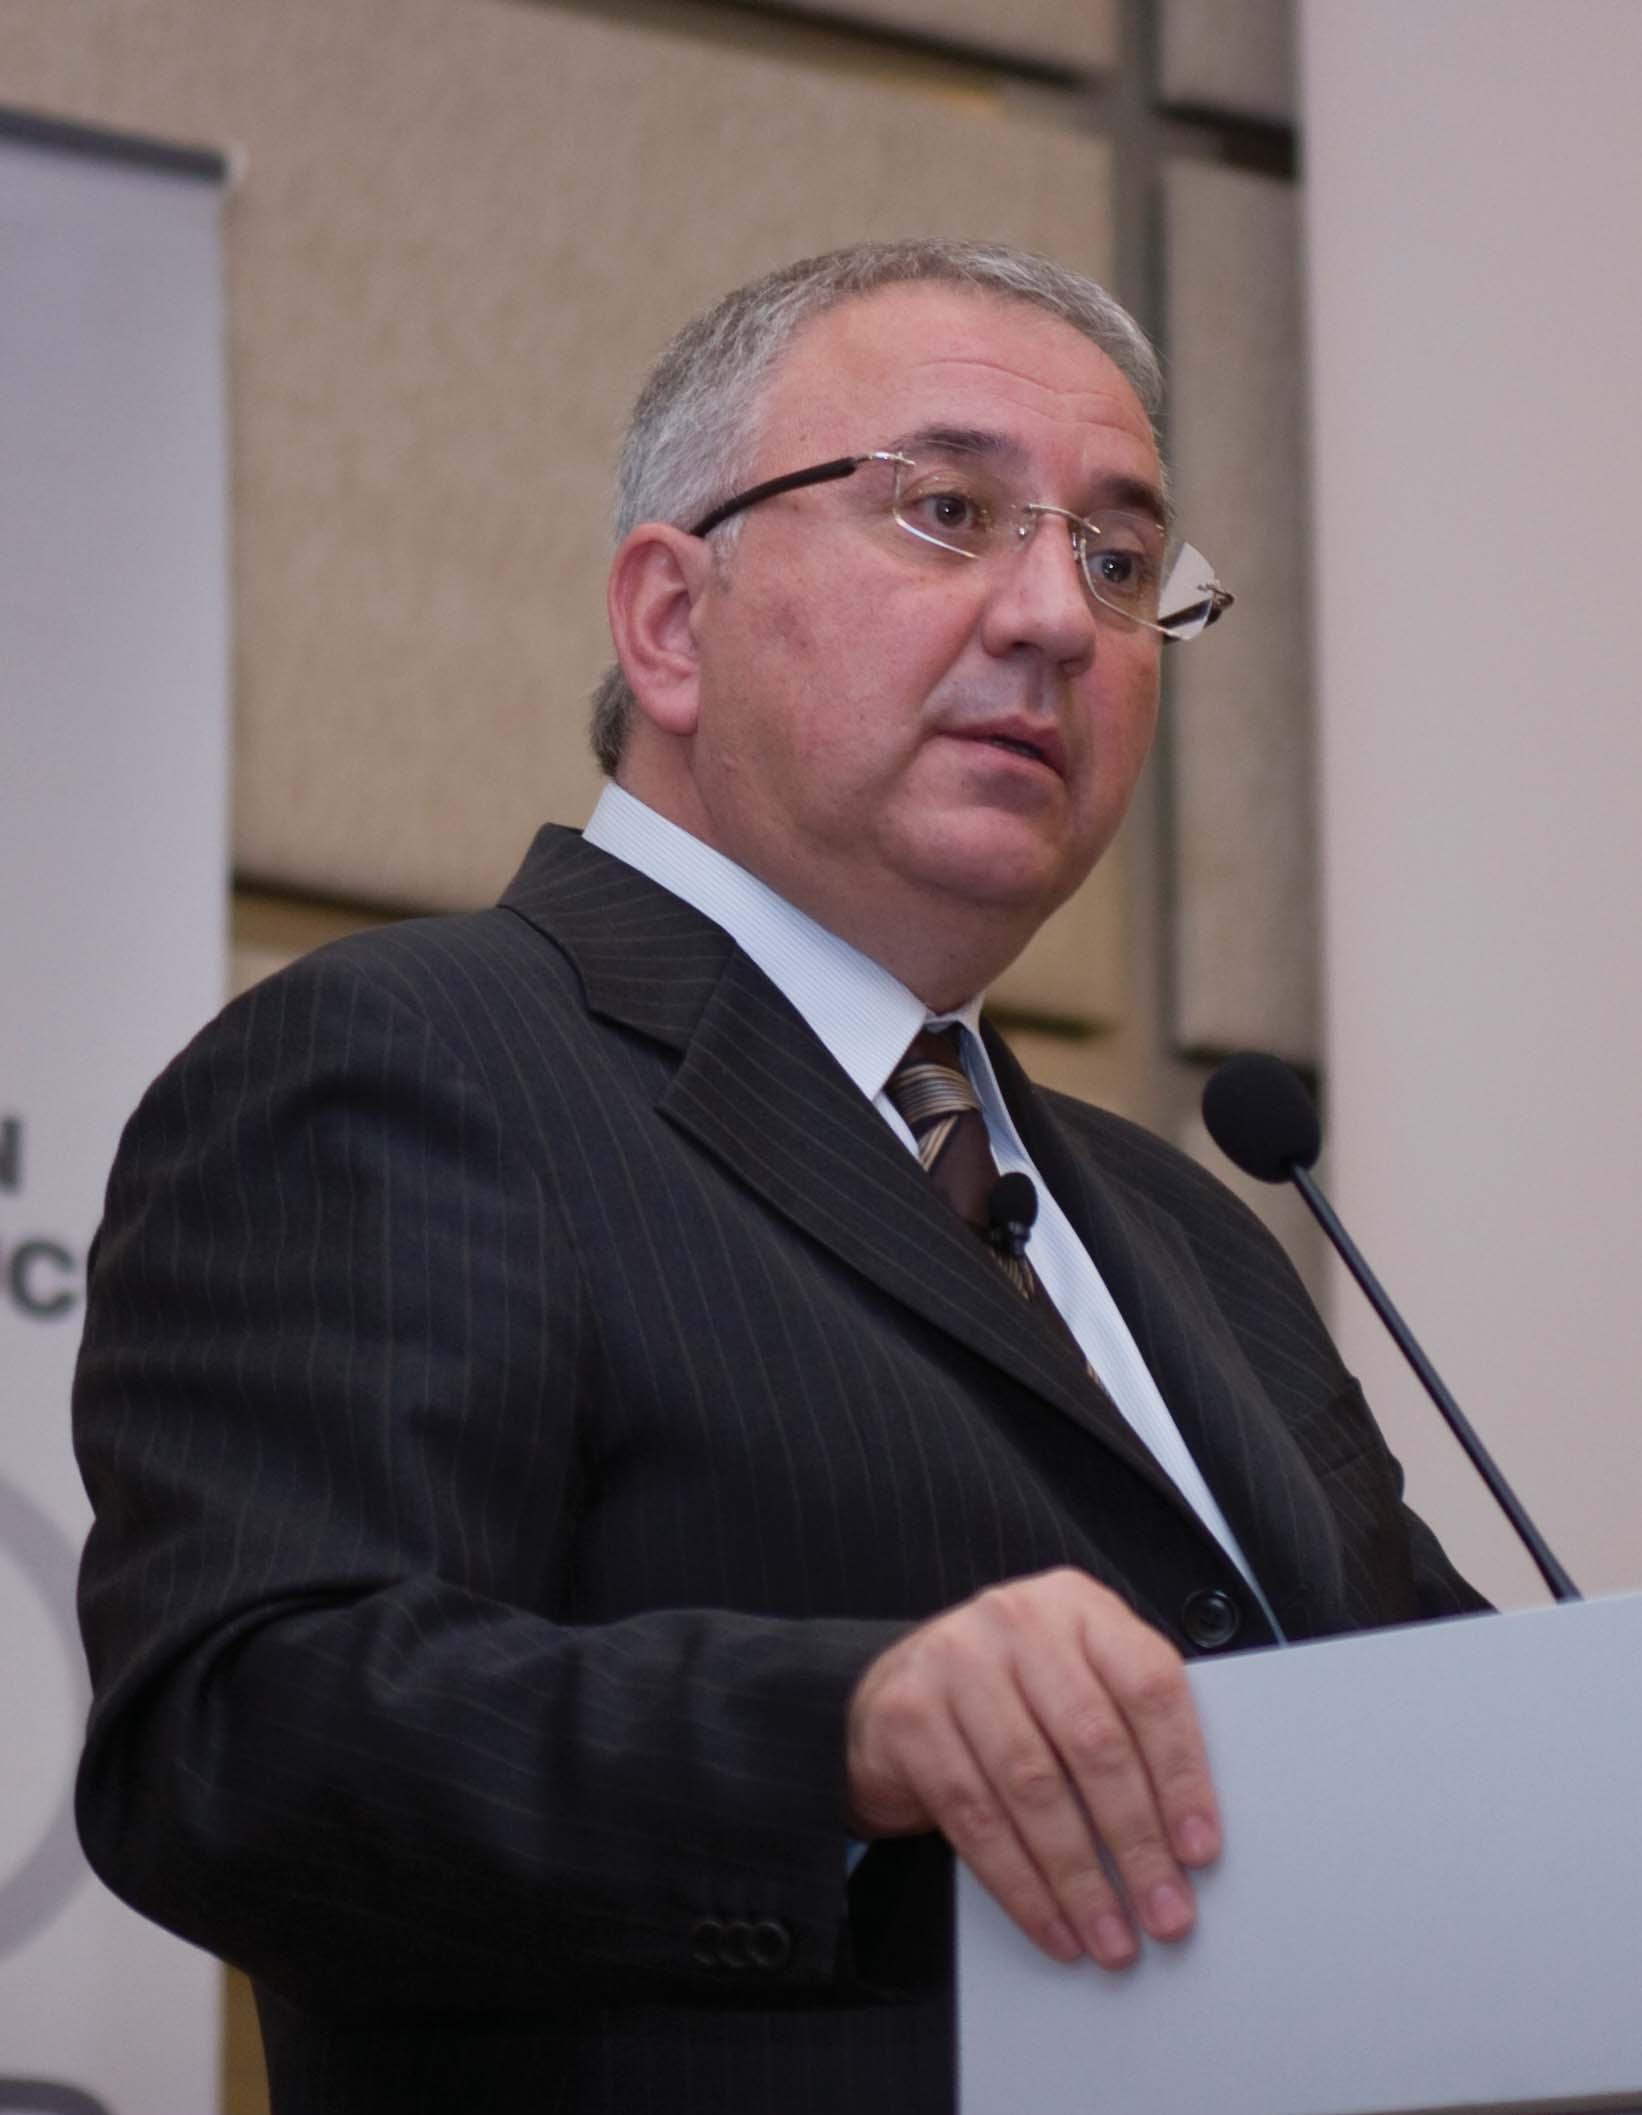 OYDER Yönetim Kurulu Başkanı H. Şükrü Ilısal: